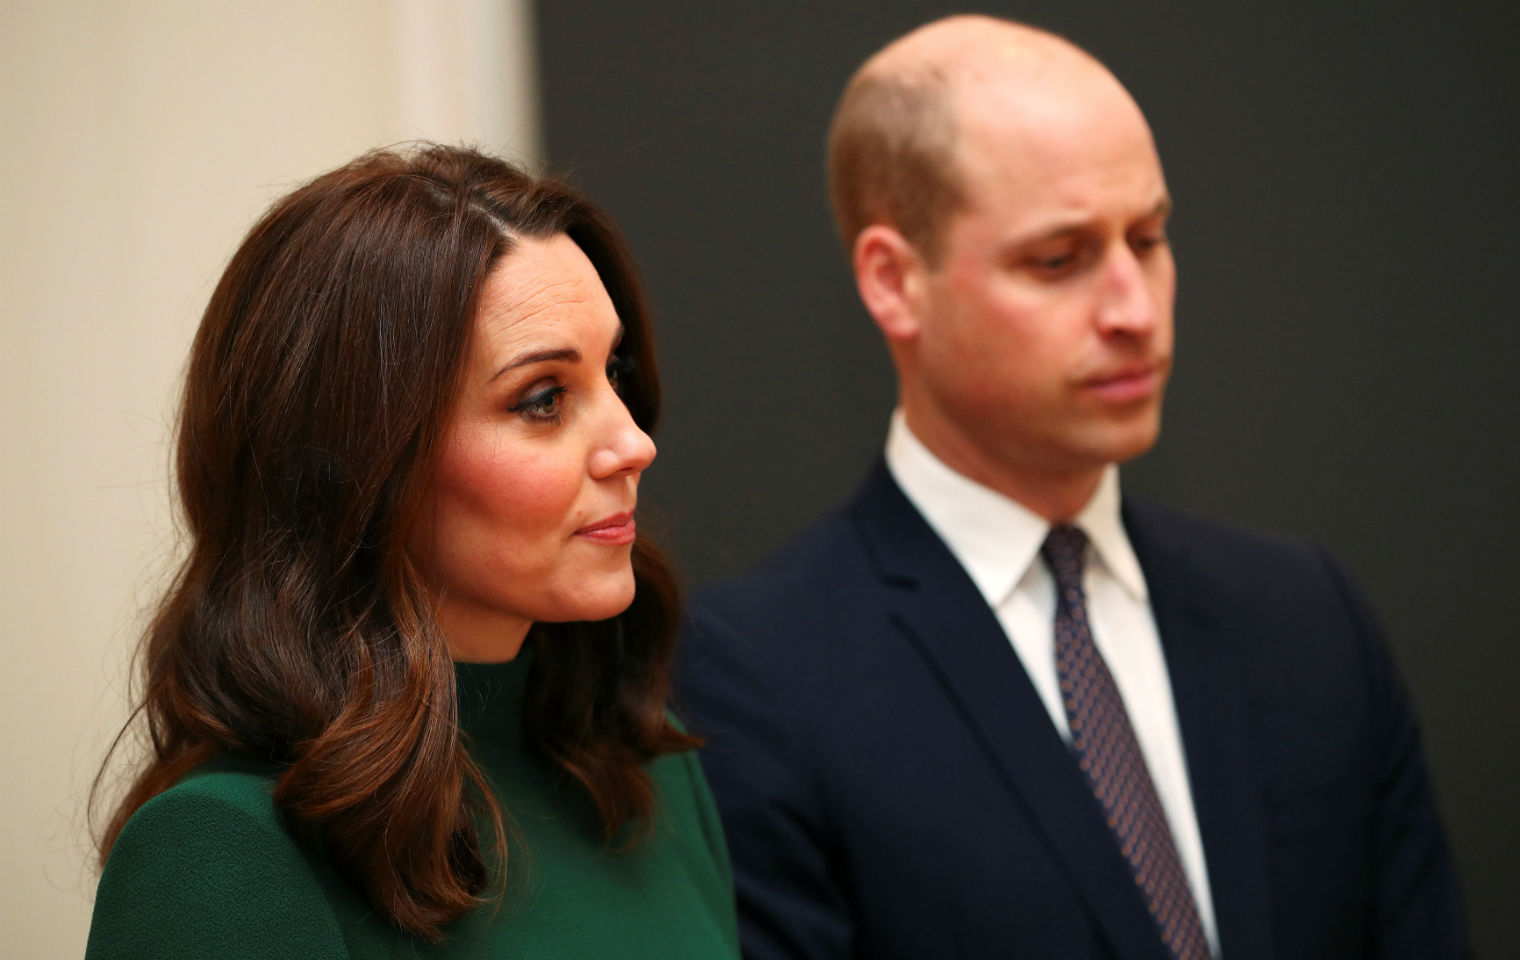 Herzogin Kate & Prinz William: Scheidung bereits vollzogen